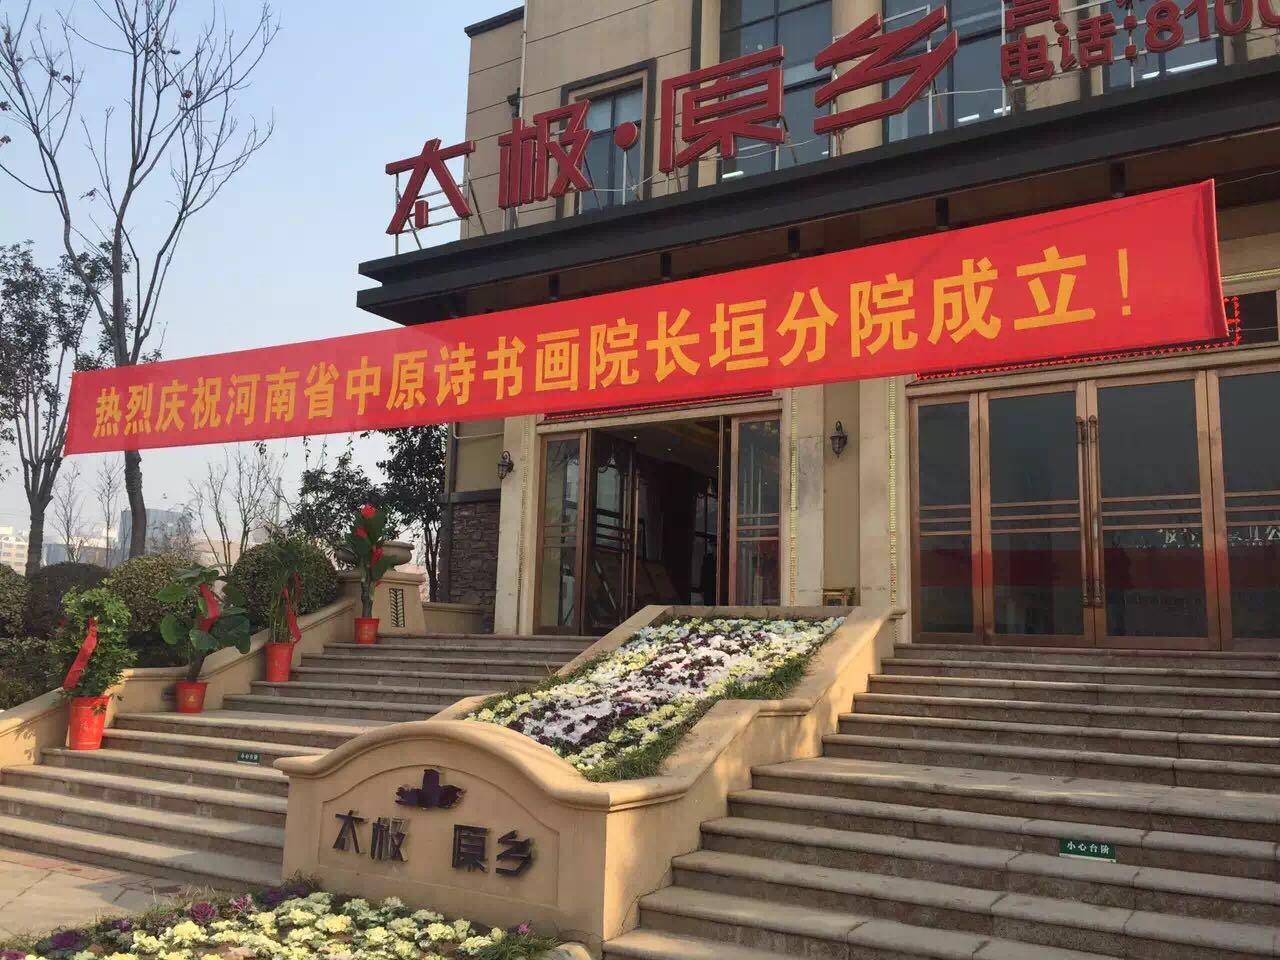 河南省中原诗书画院长垣分院成立暨揭牌仪式在长垣举行